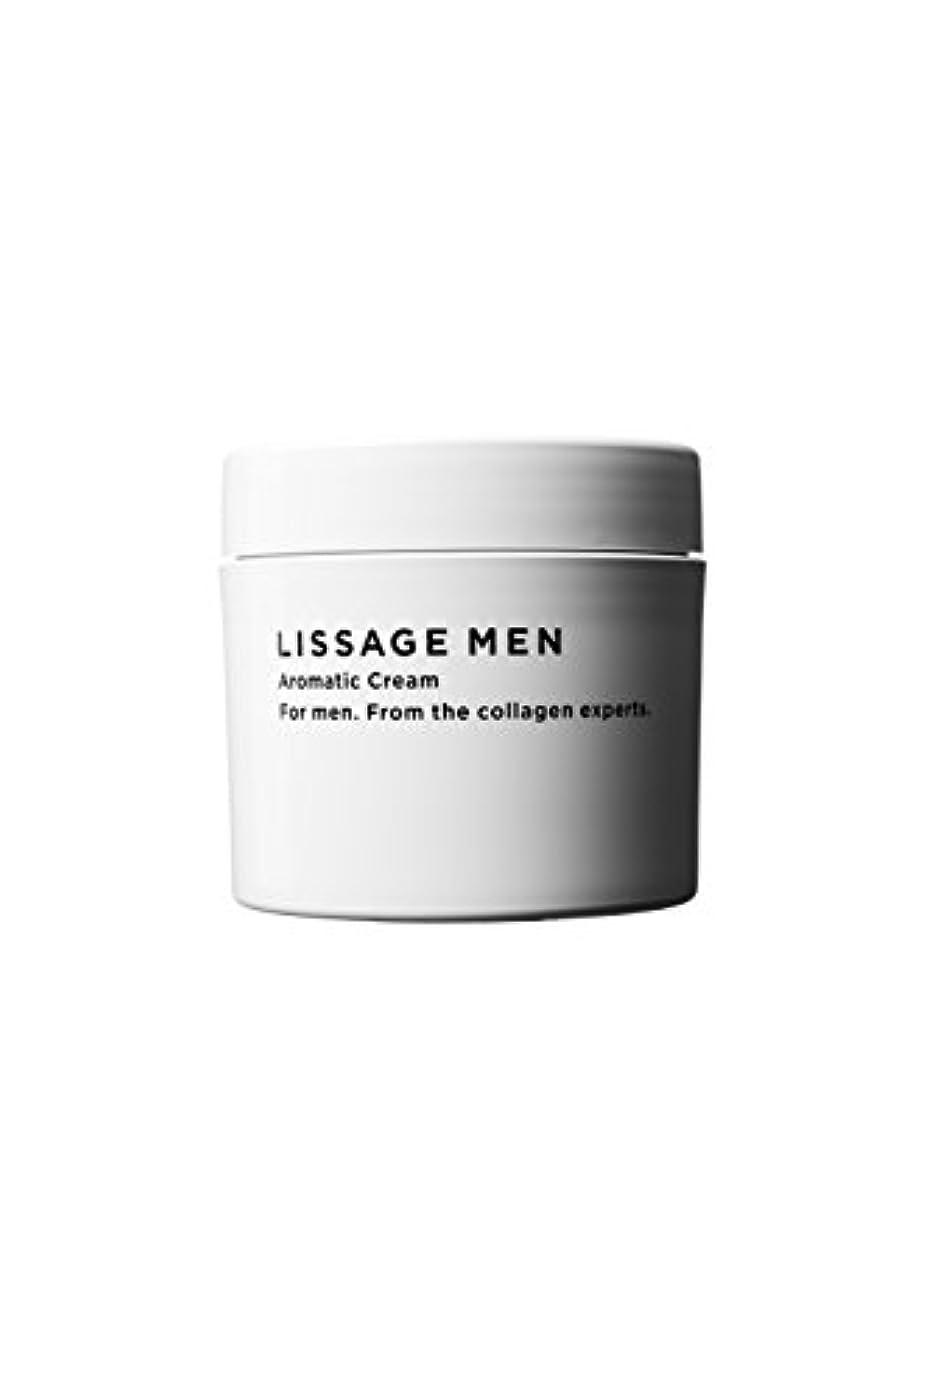 ウール用量正当化するリサージ メン アロマティッククリーム 200g 男性用 ボディクリーム  (メンズ スキンケア)